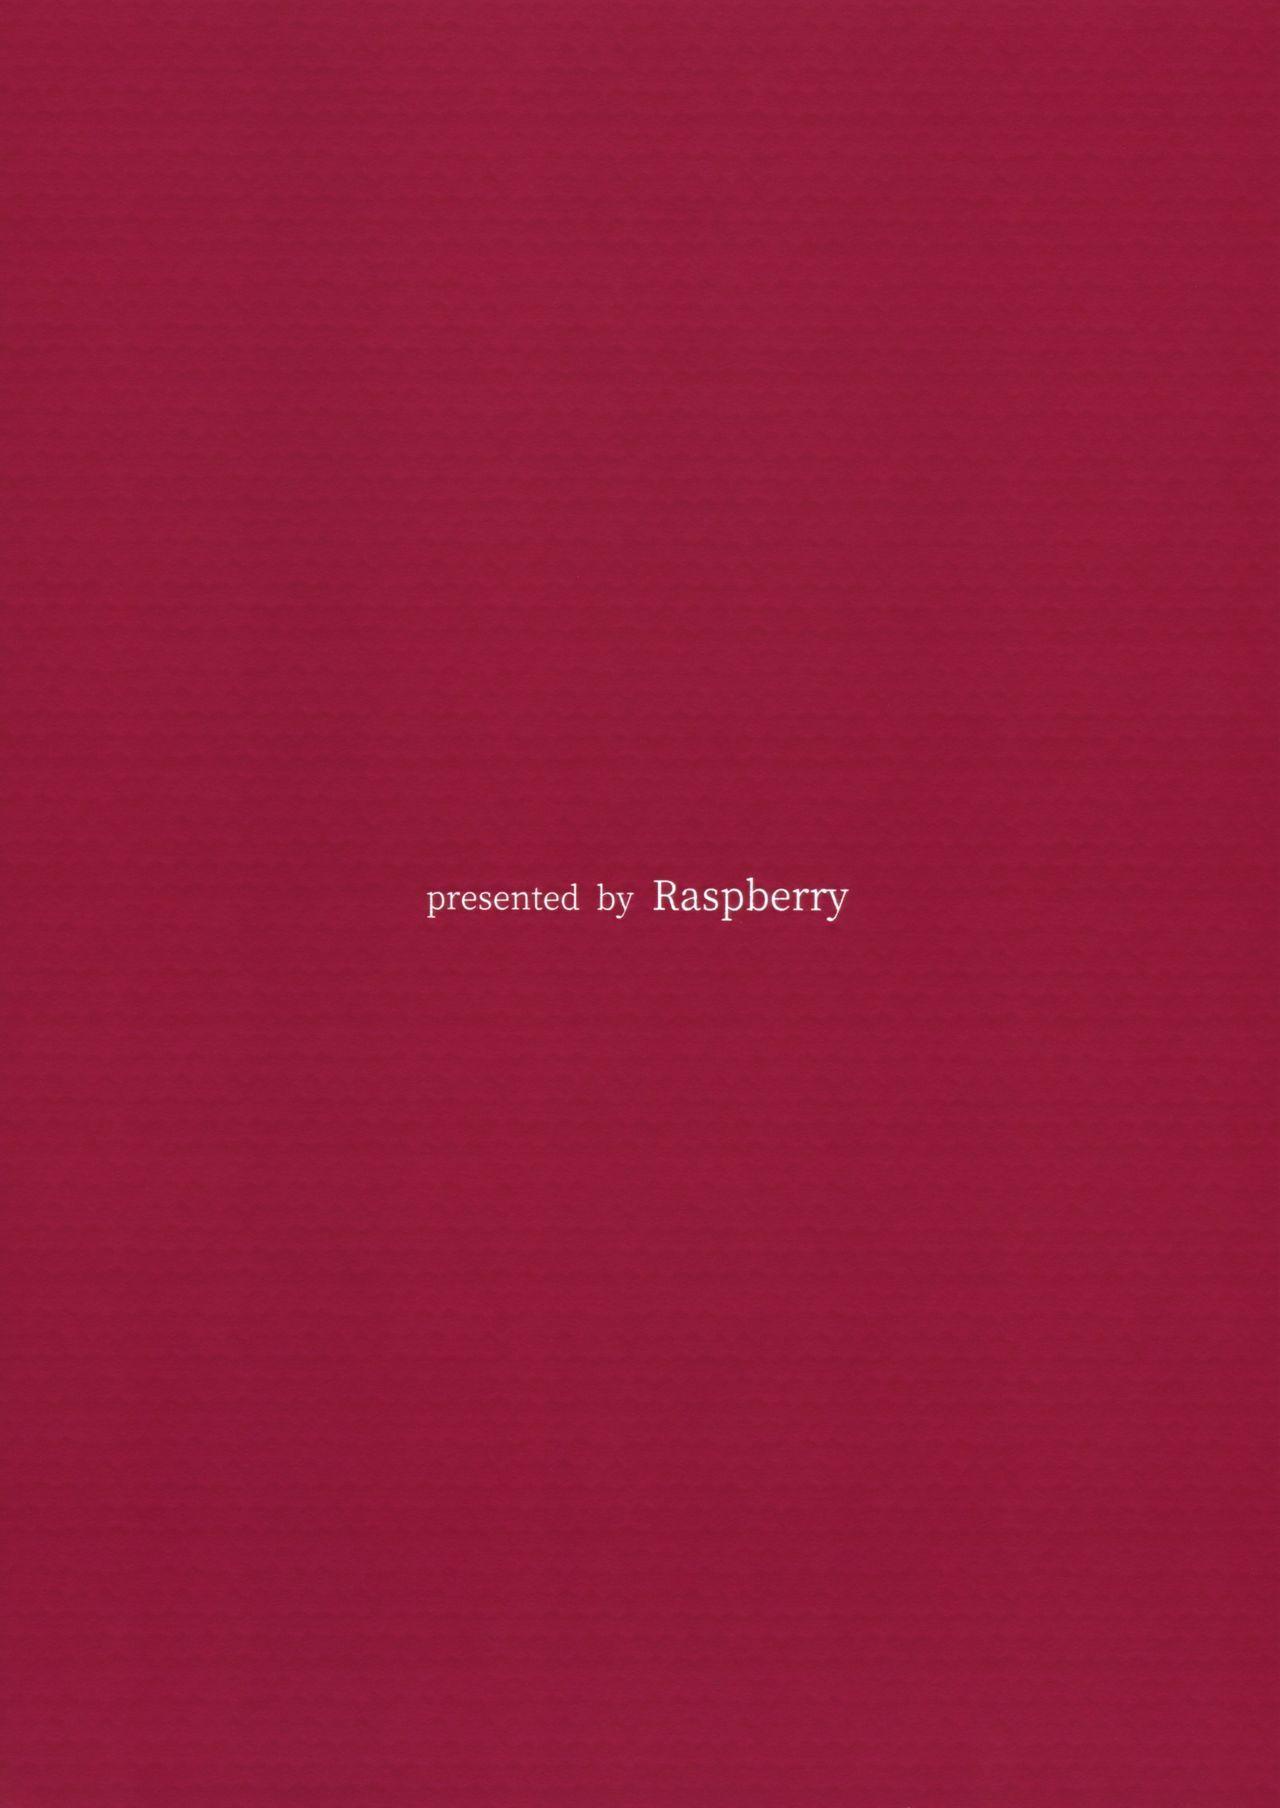 Strawberry Liquor 17